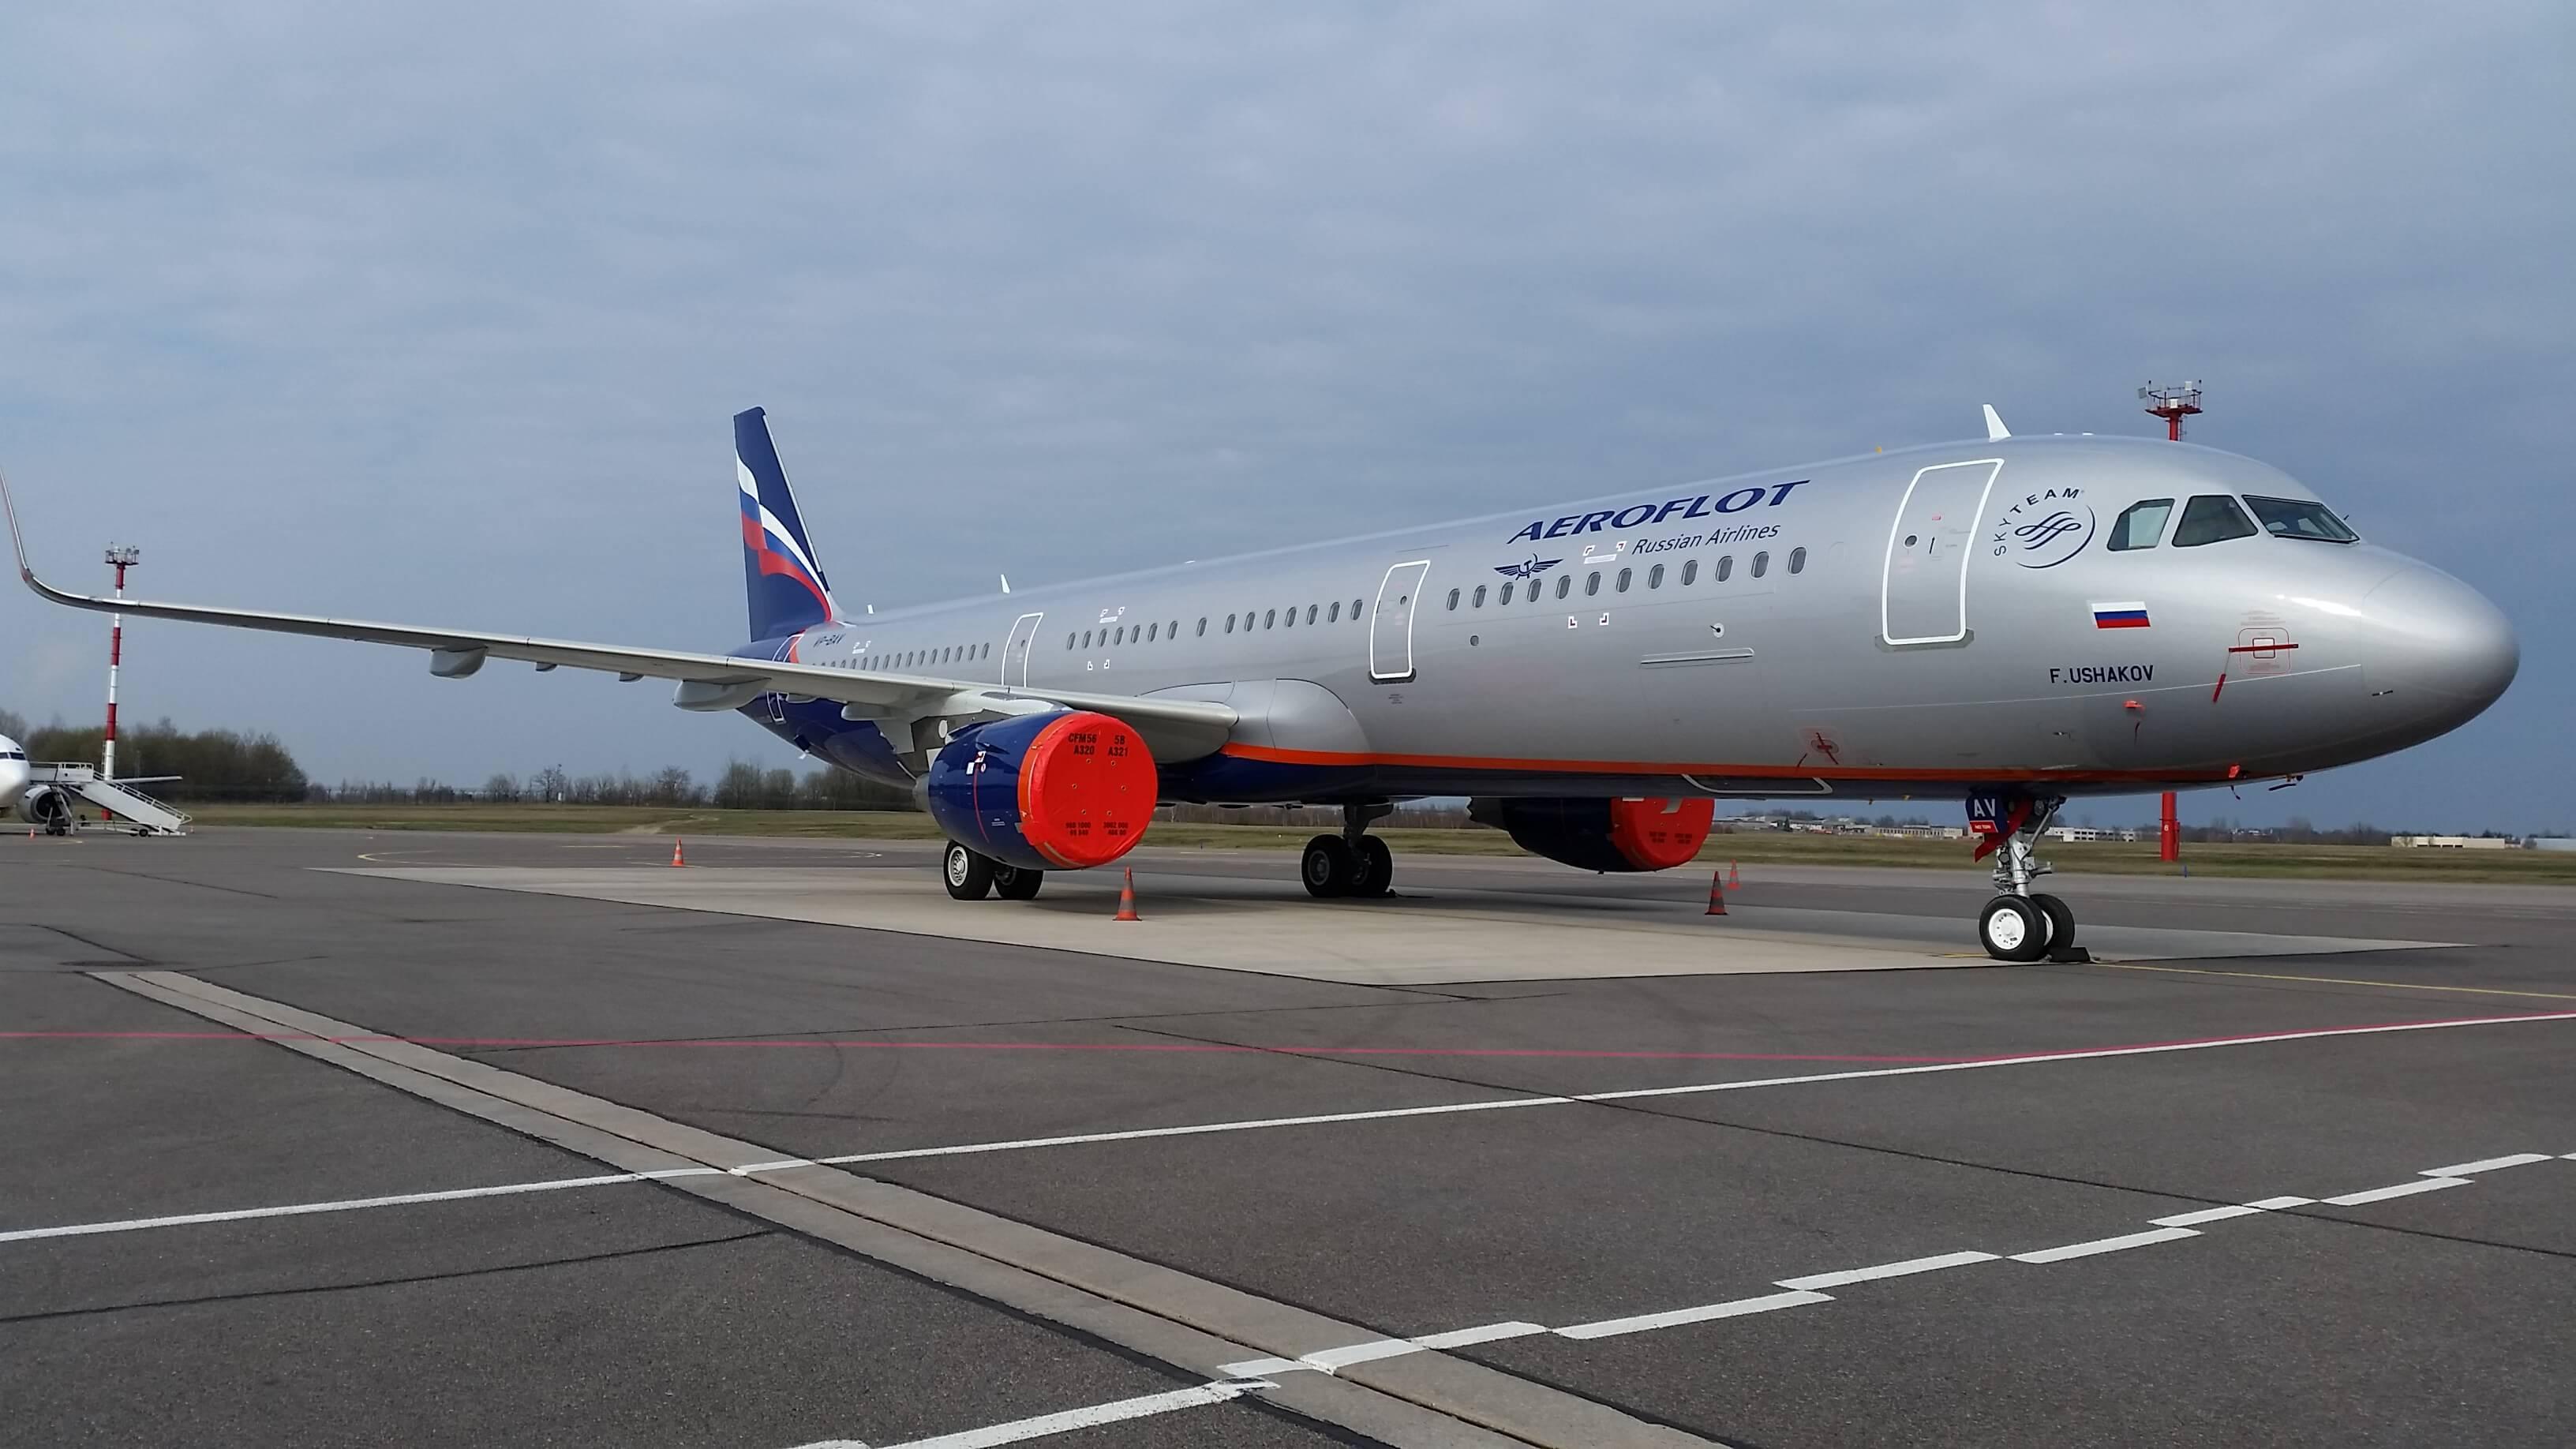 Аэрофлот вошел в пятерку самых пунктуальных авиакомпаний мира